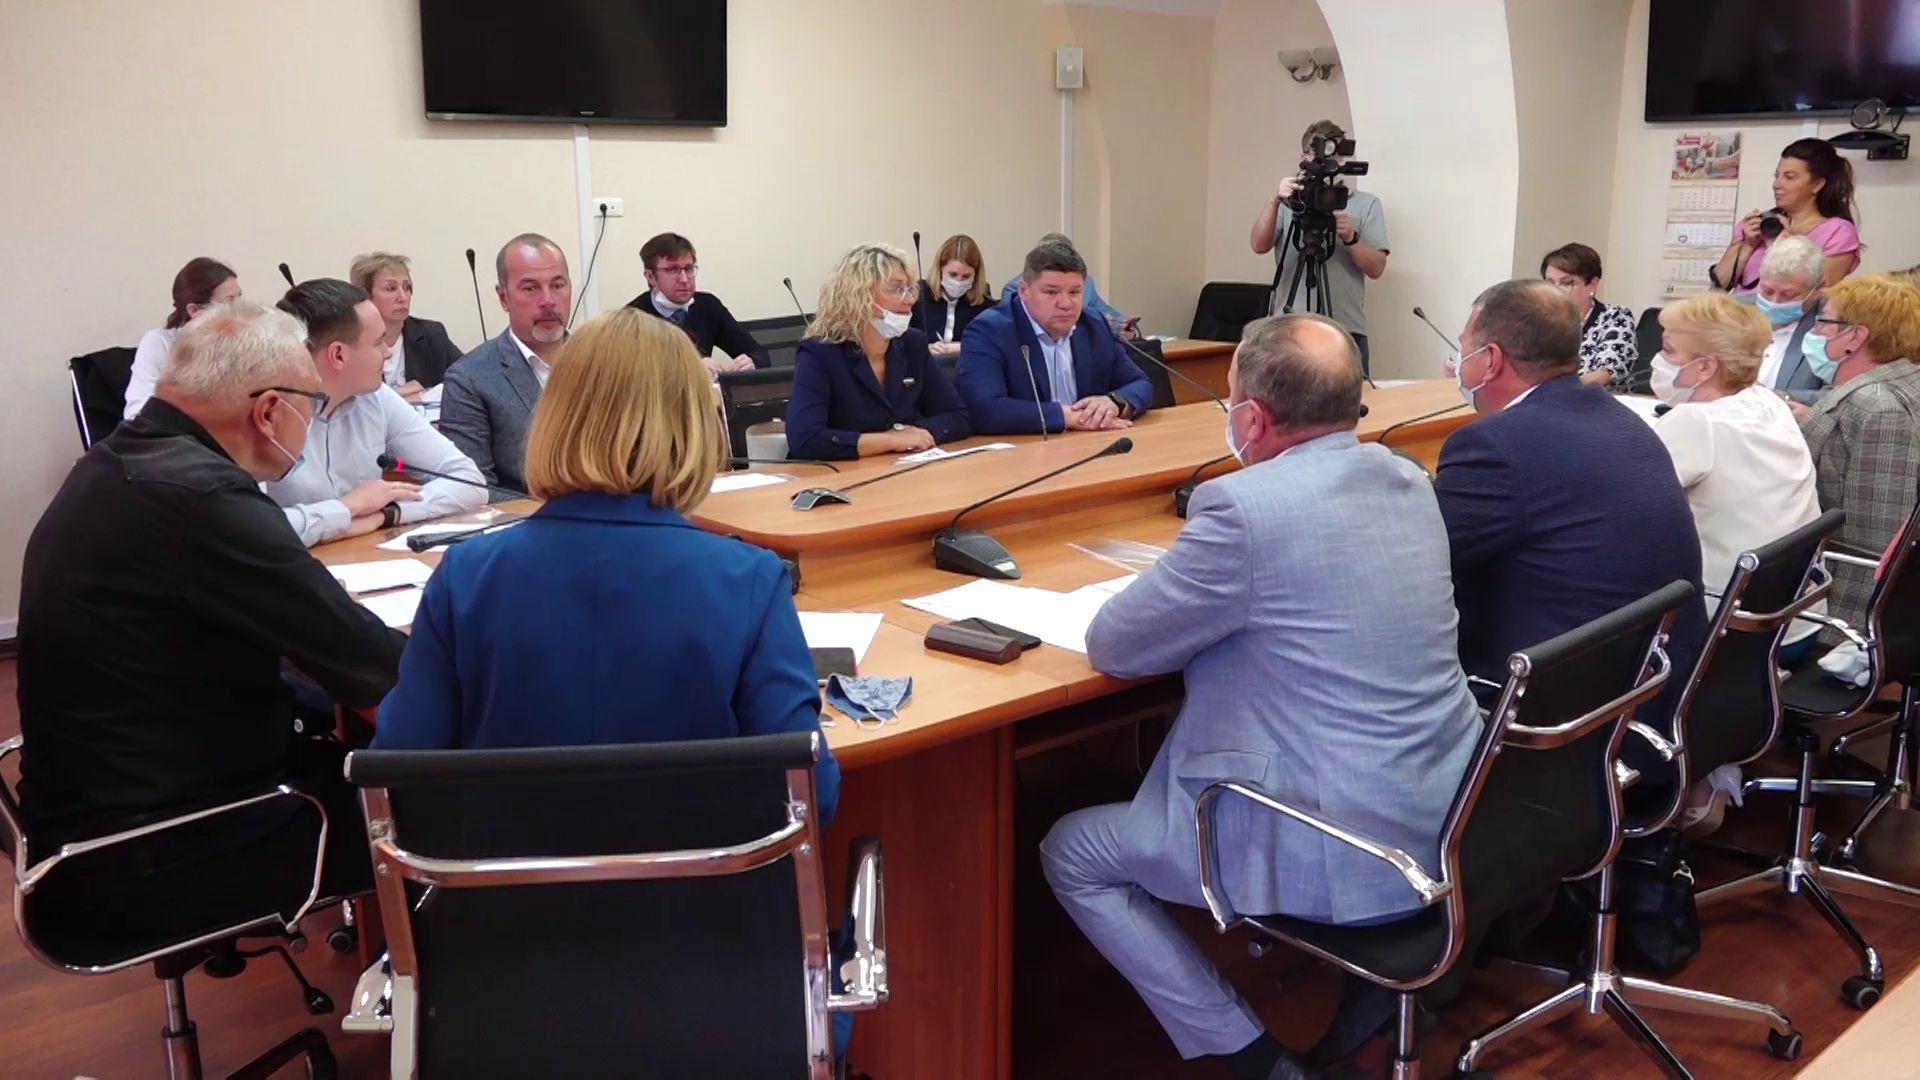 Ярославская областная Дума предложила вариант по повышению зарплаты для бюджетников